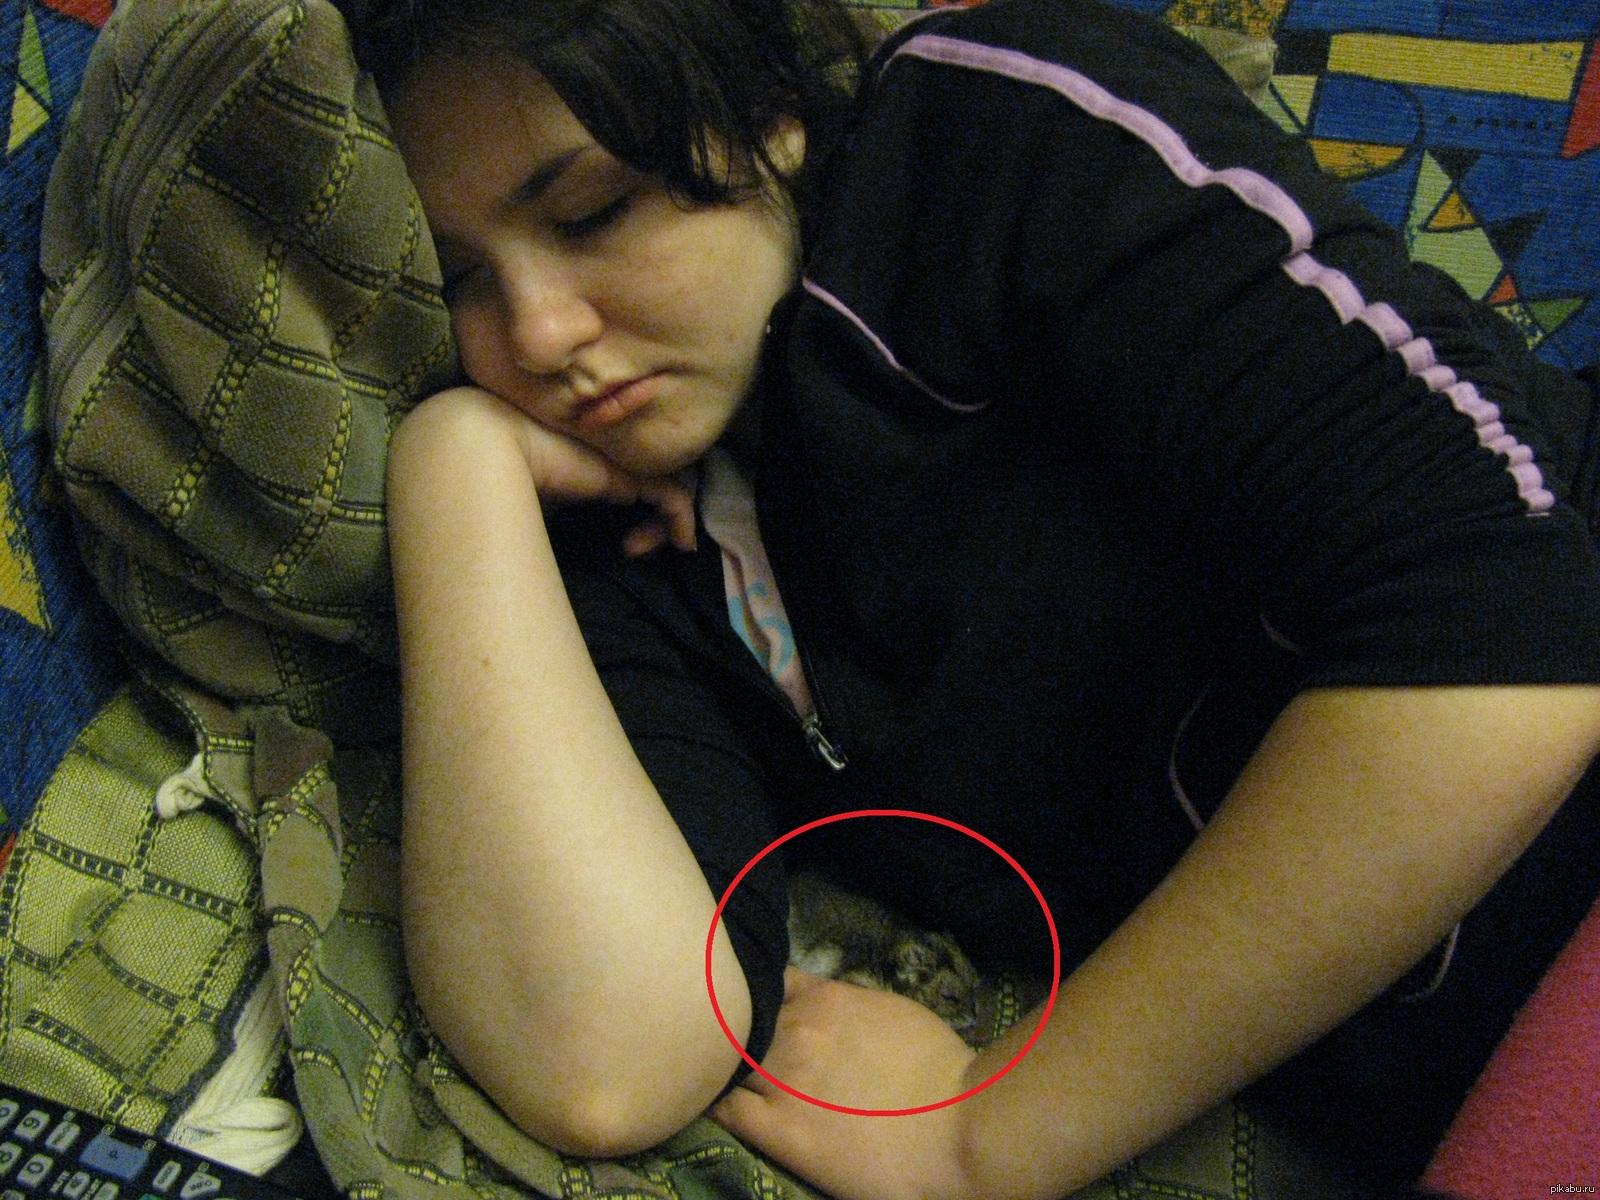 Спящая сестра сфоткал, Брат сношает спящую сестру 14 фотография